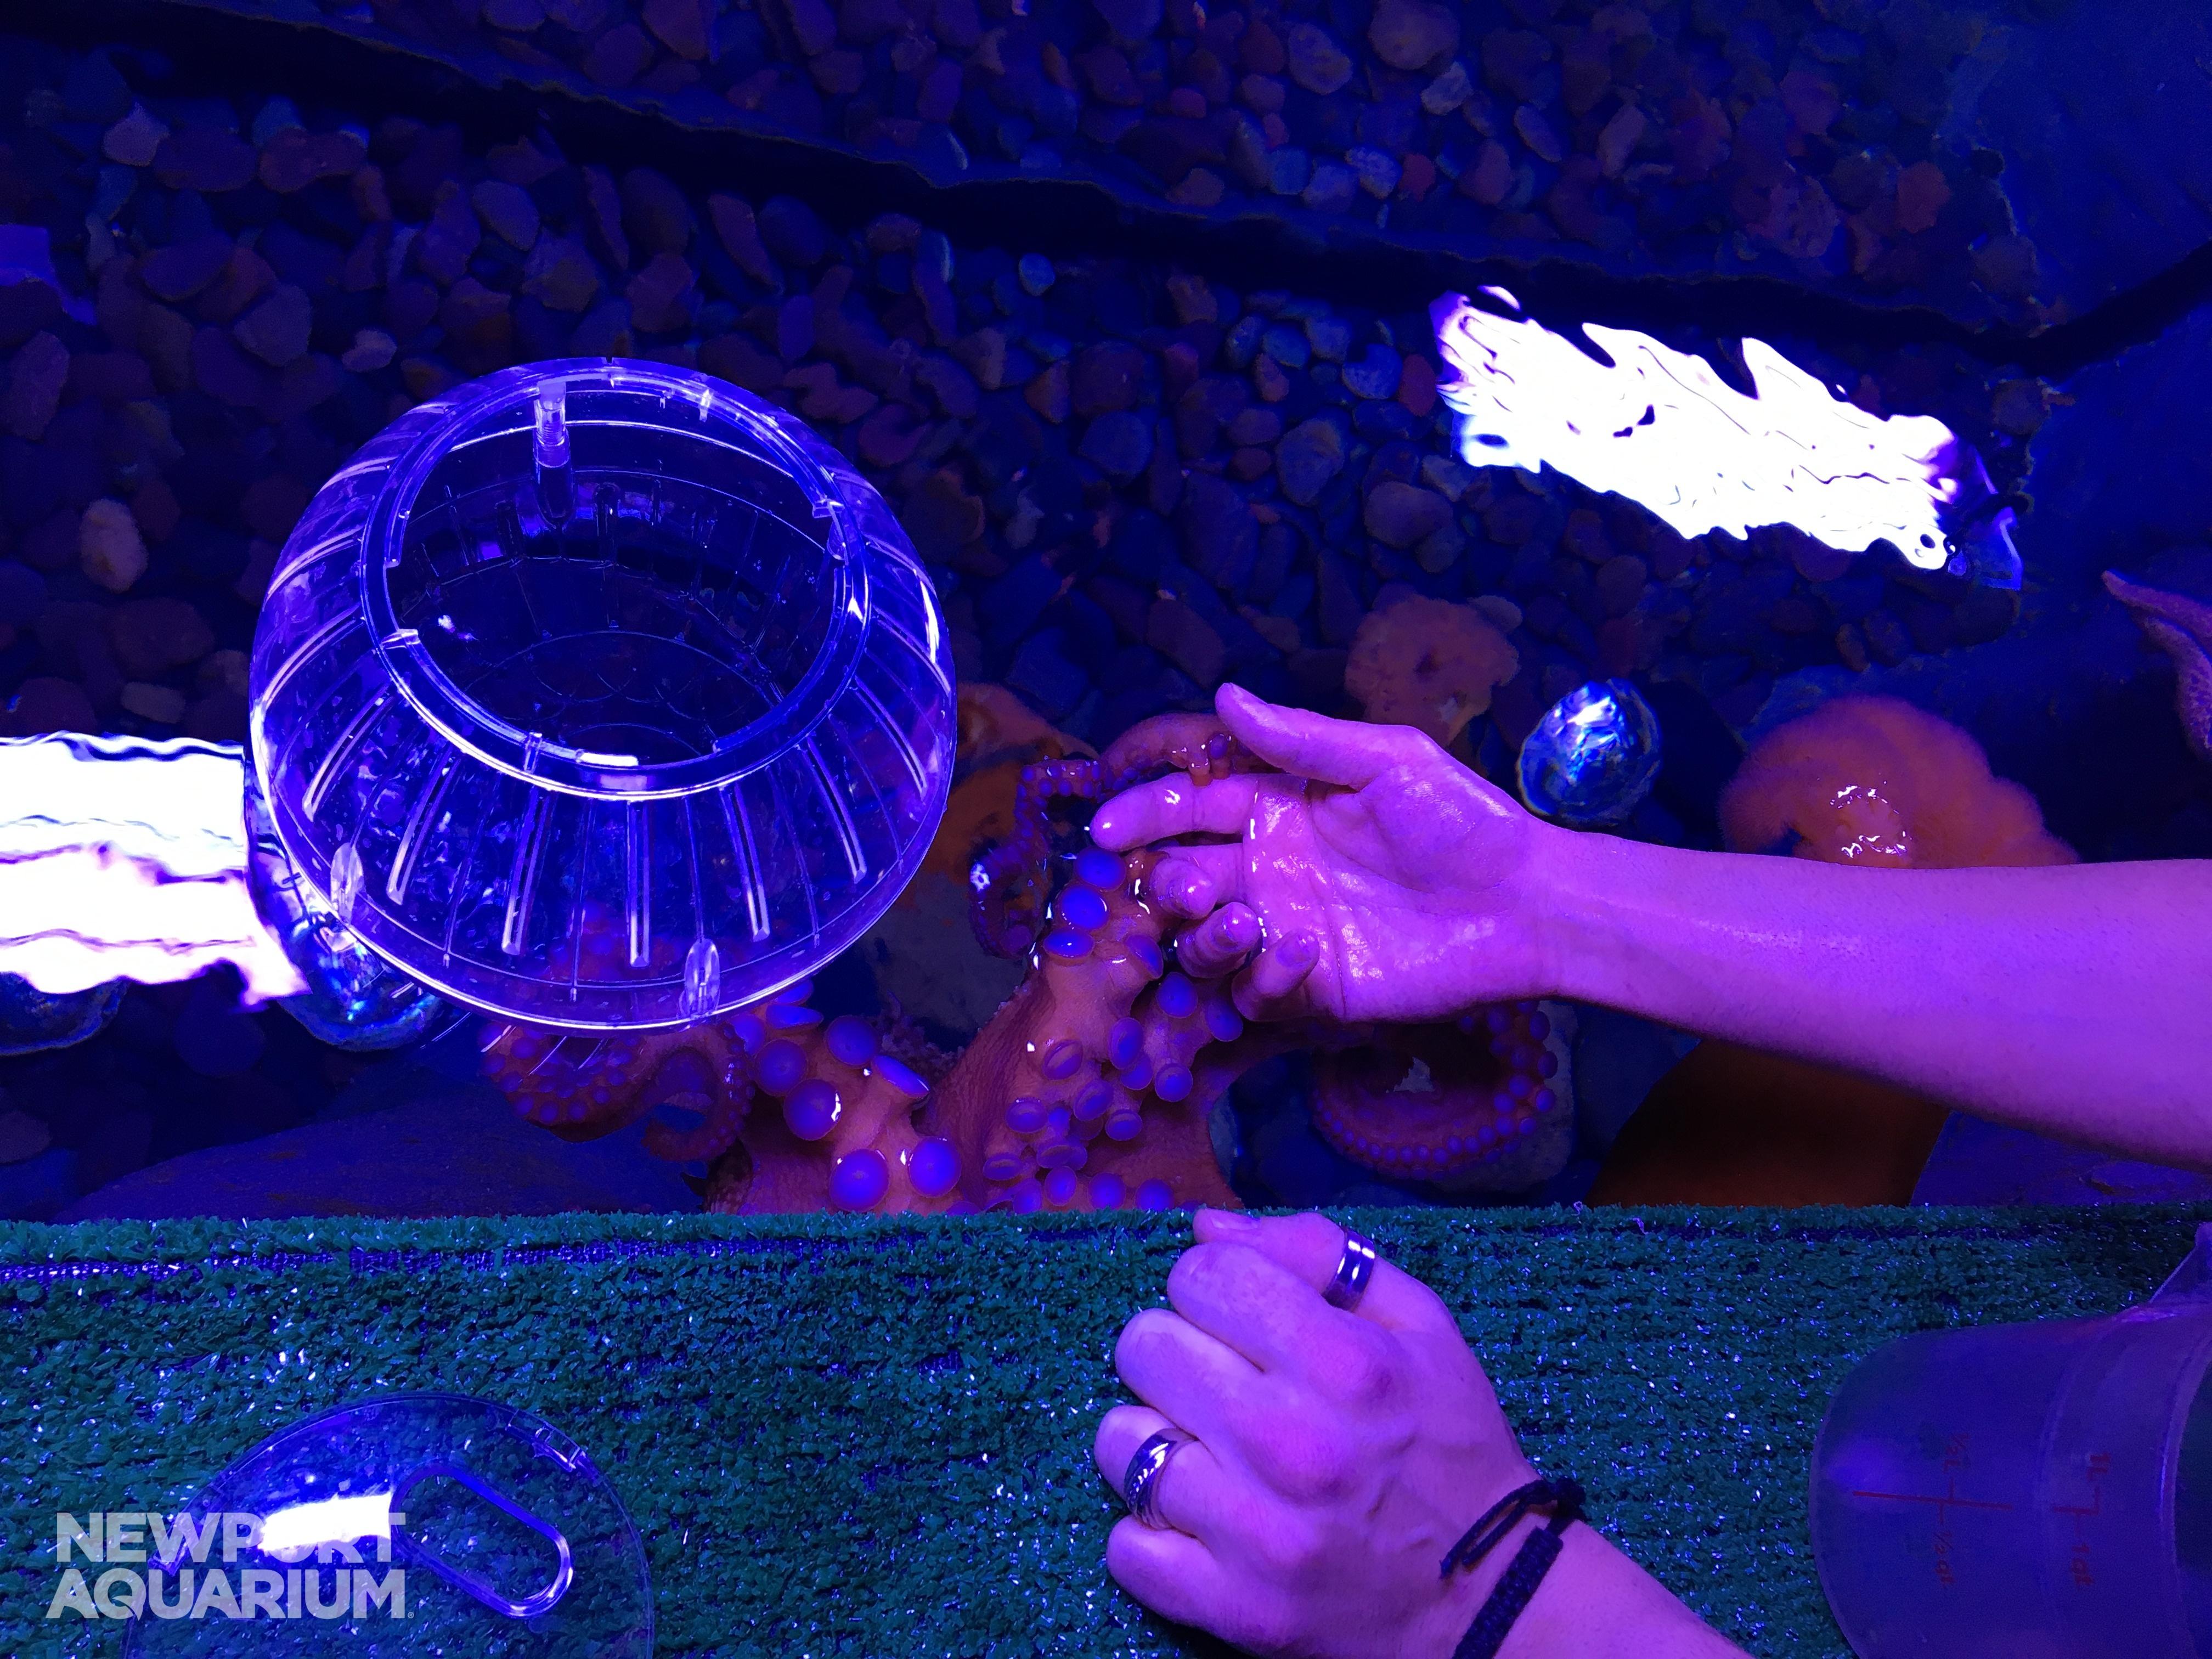 Aquarium Works